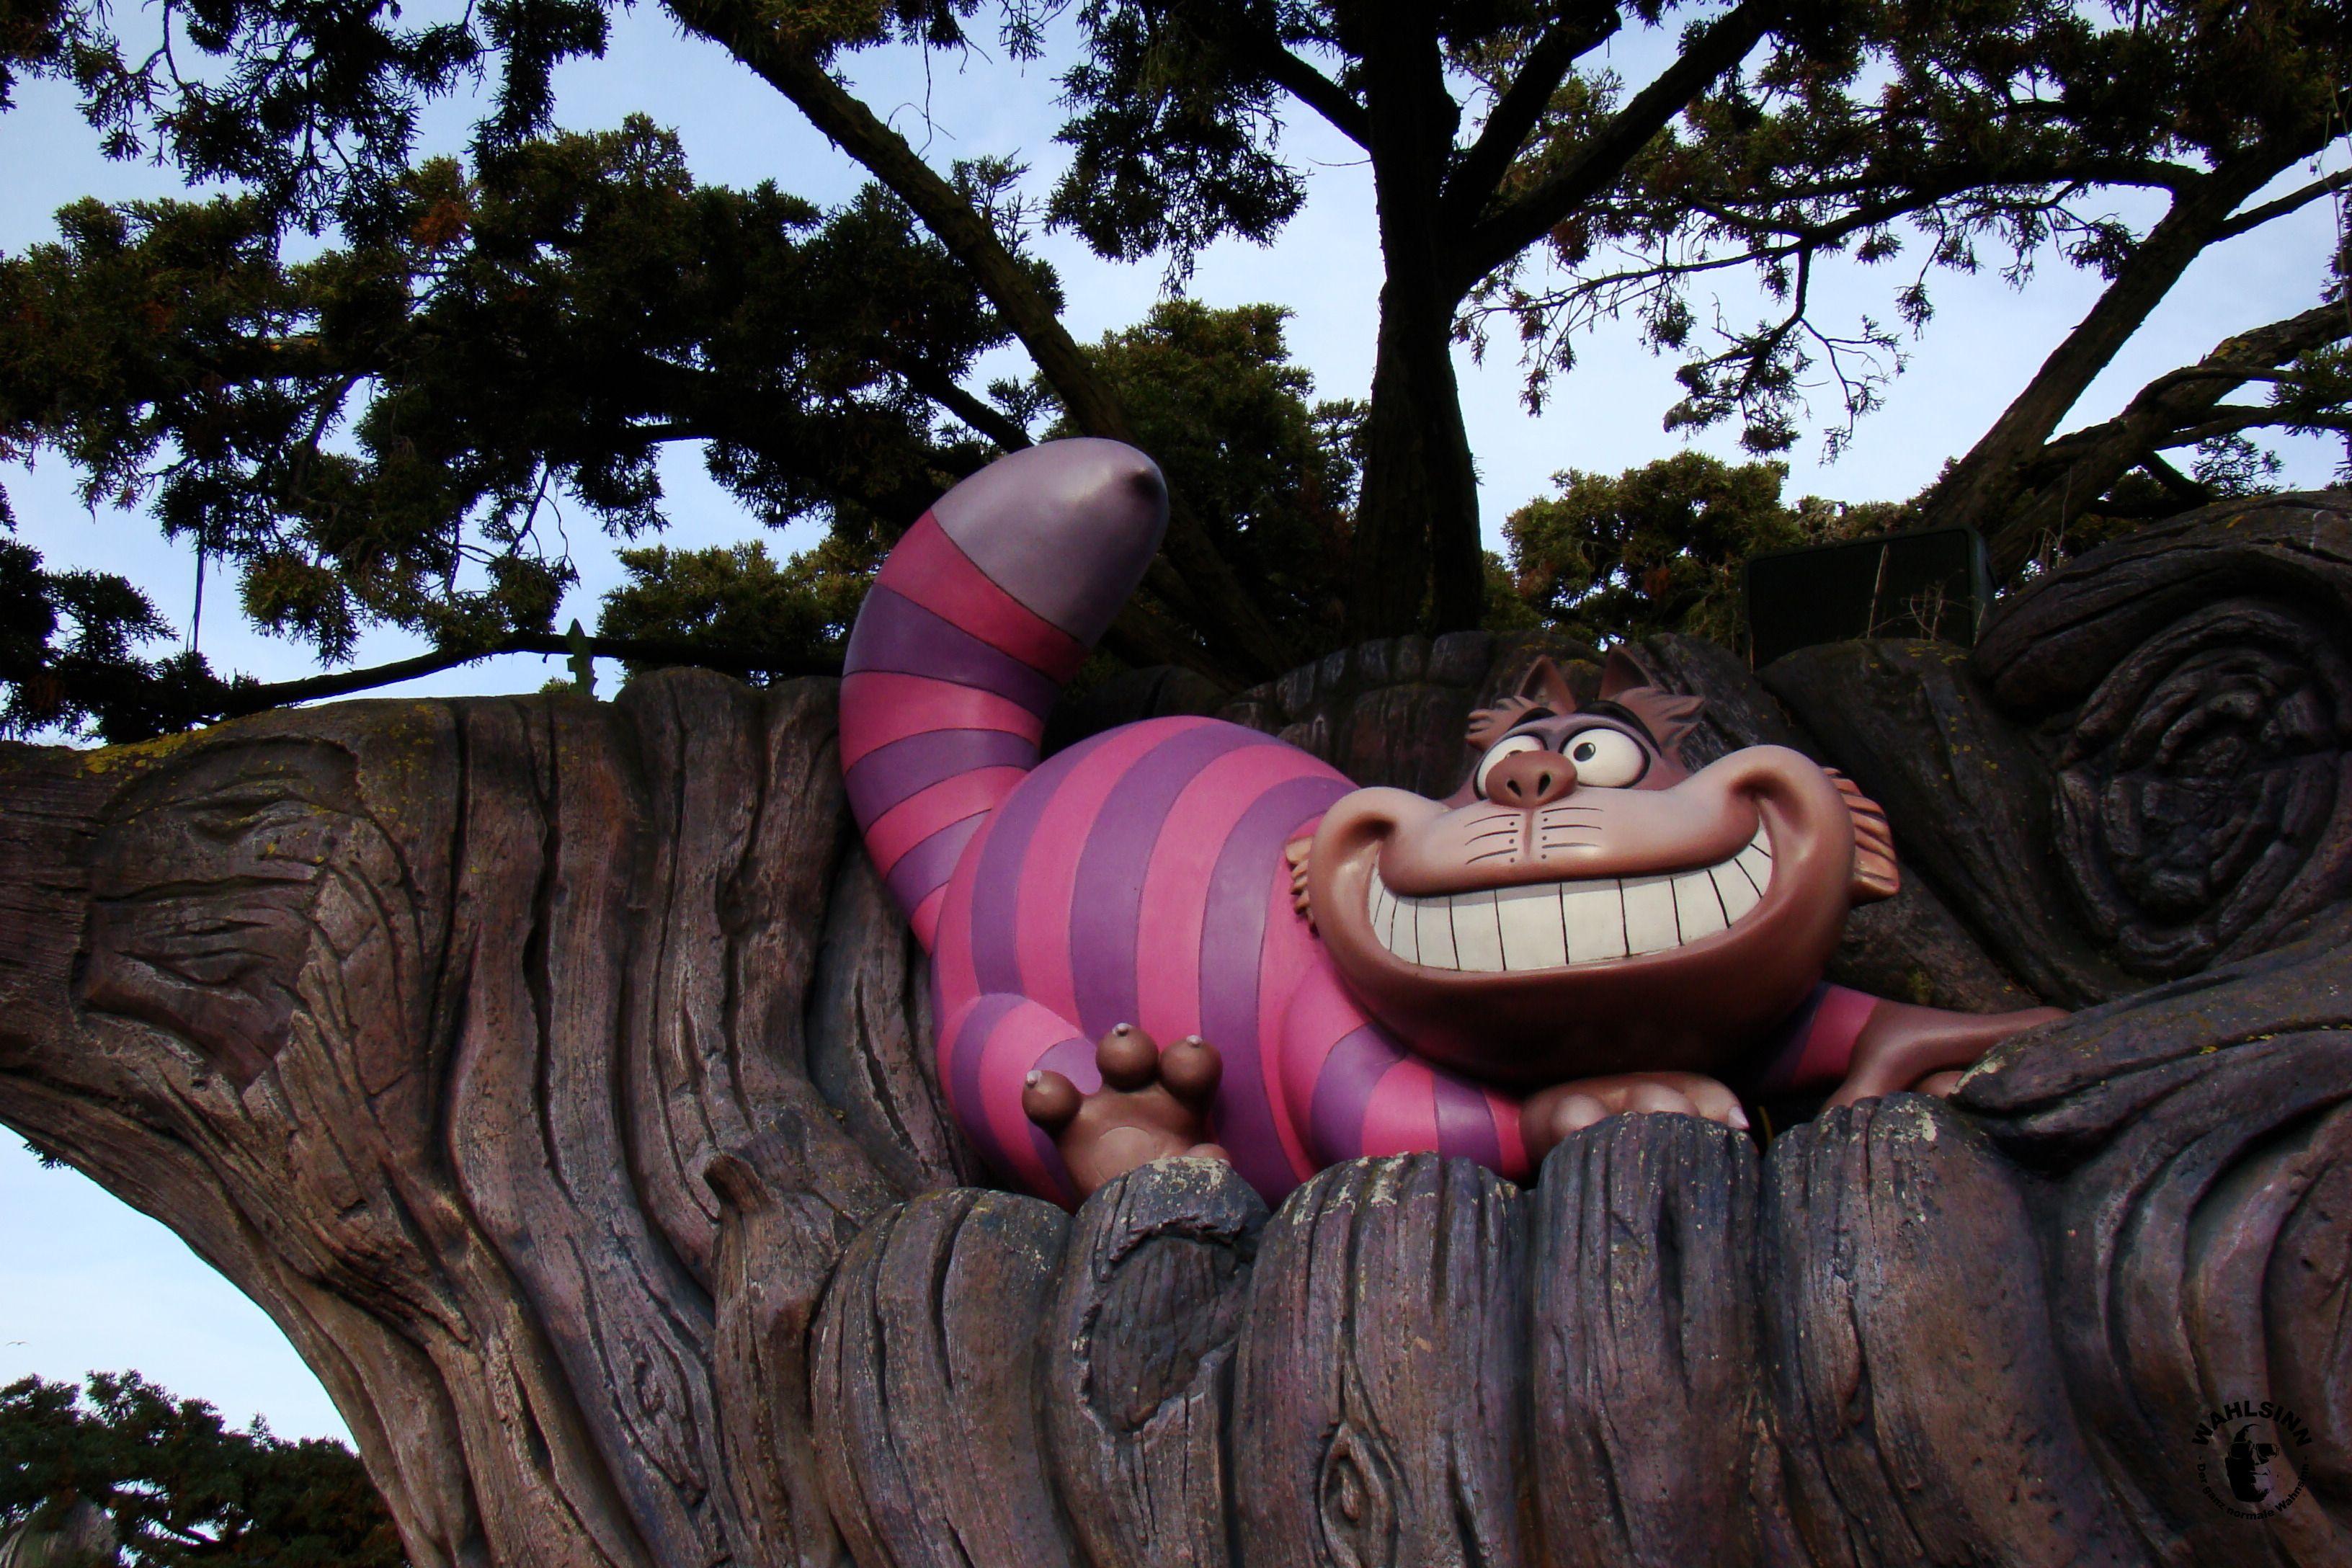 Disneyland Paris - Die Grinsekatze im Irrgarten von Alice im Wunderland